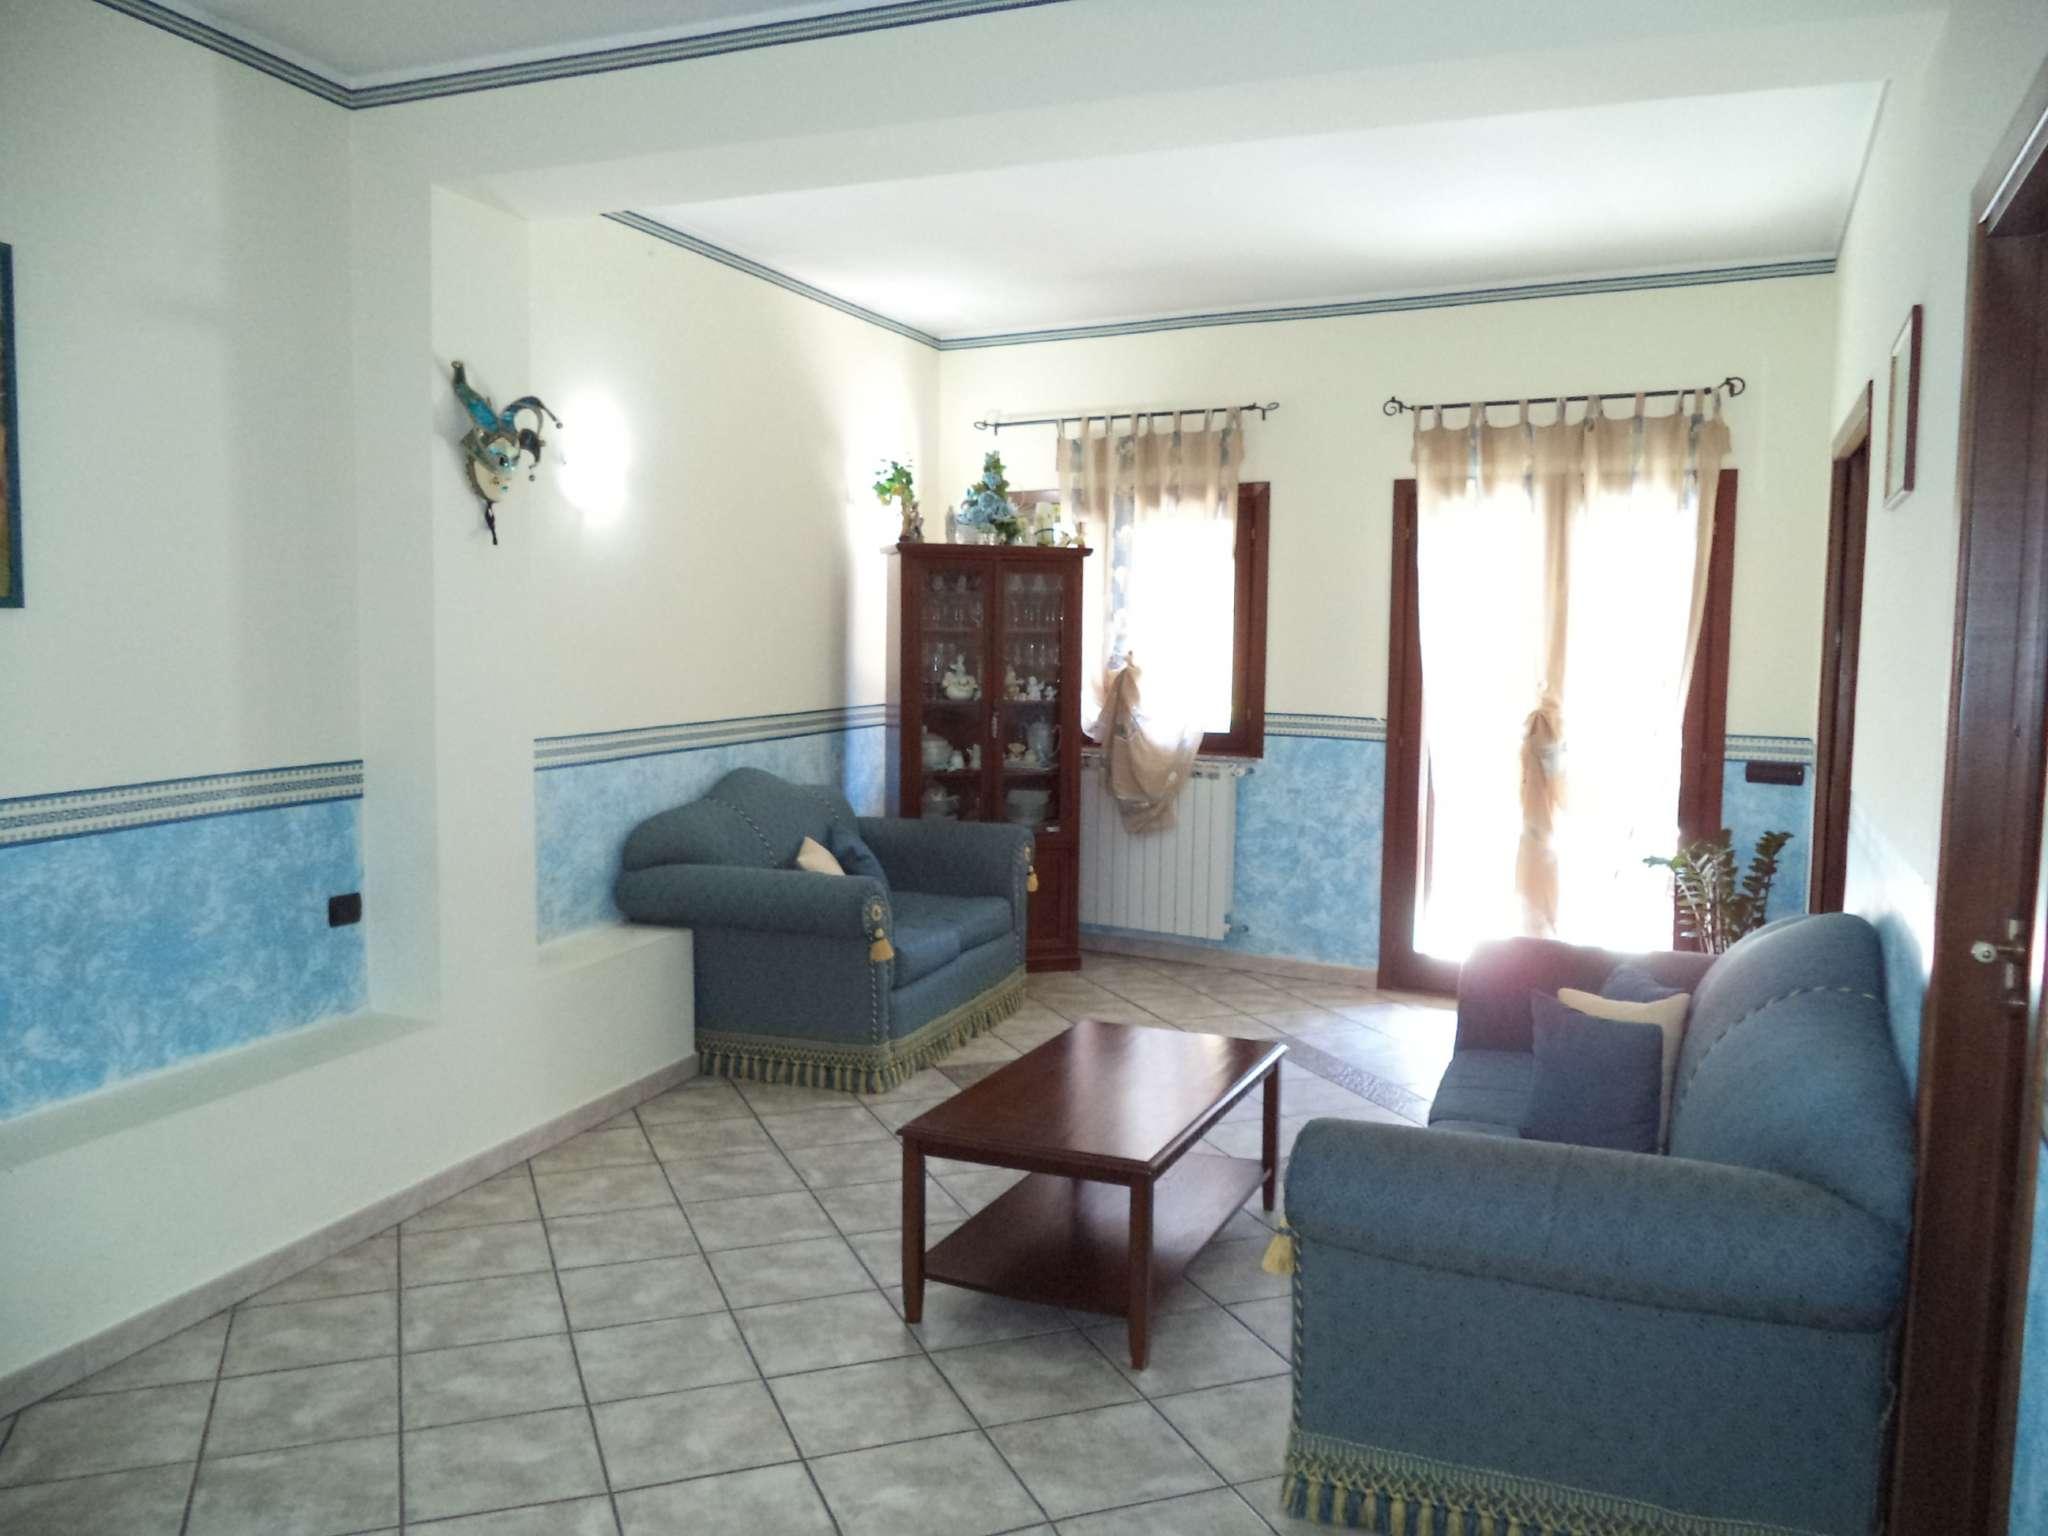 Appartamento ristrutturato in vendita Rif. 8748642